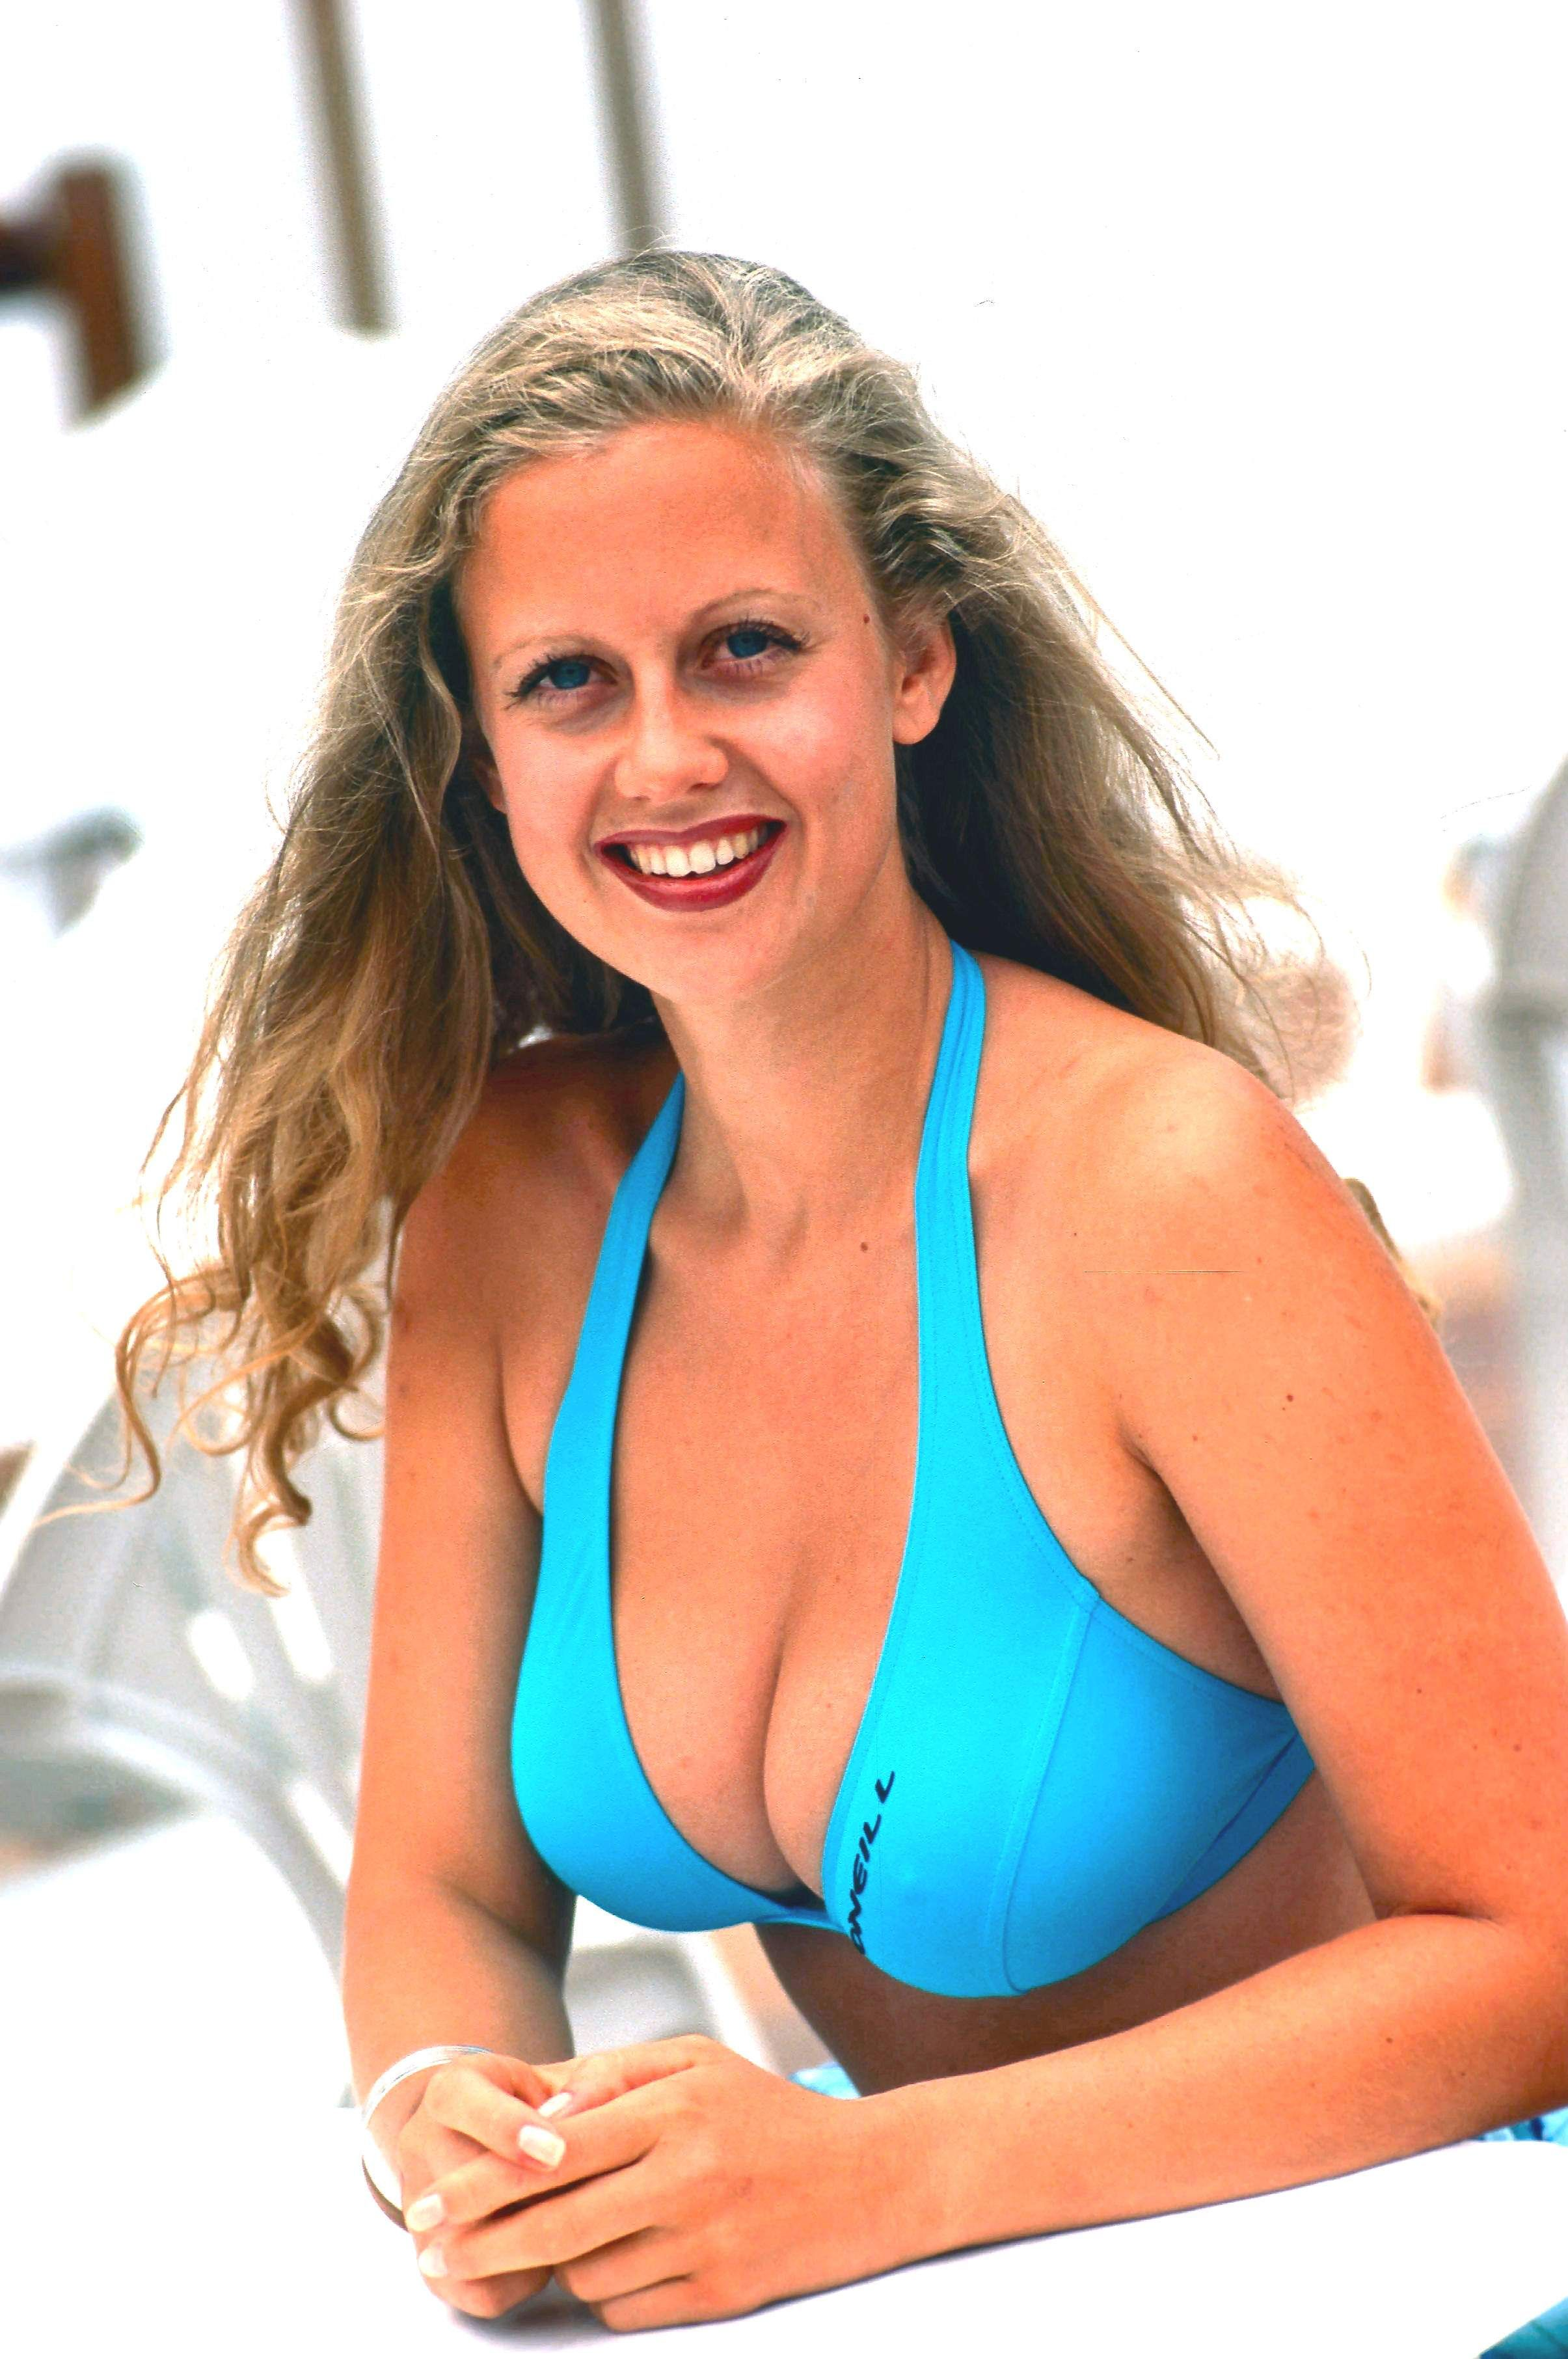 schöneberger bikini